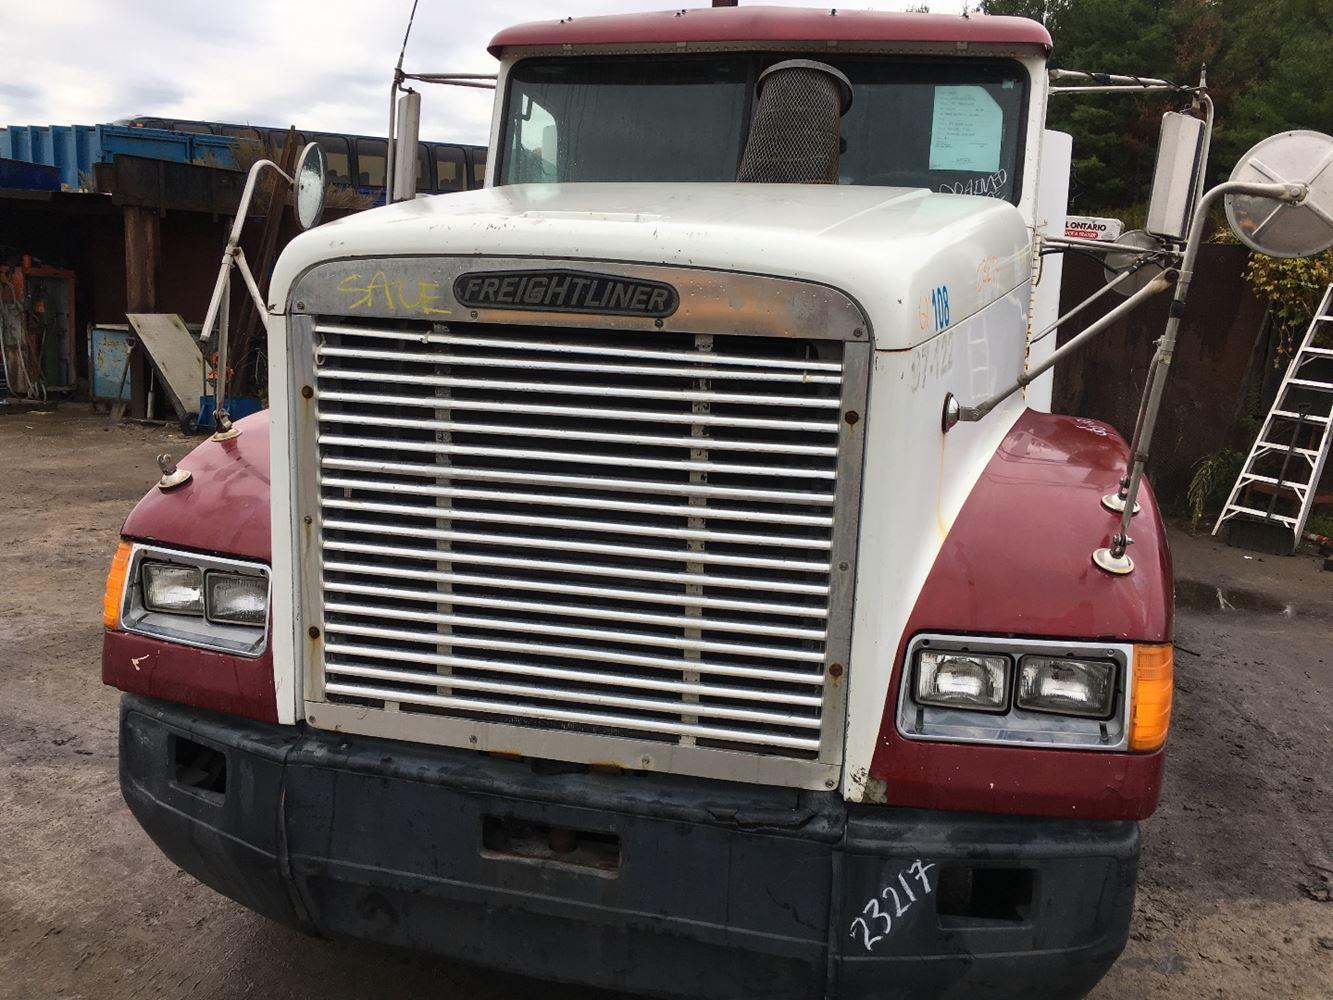 Freightliner Fld120 Hood : Freightliner fld stock hoods tpi